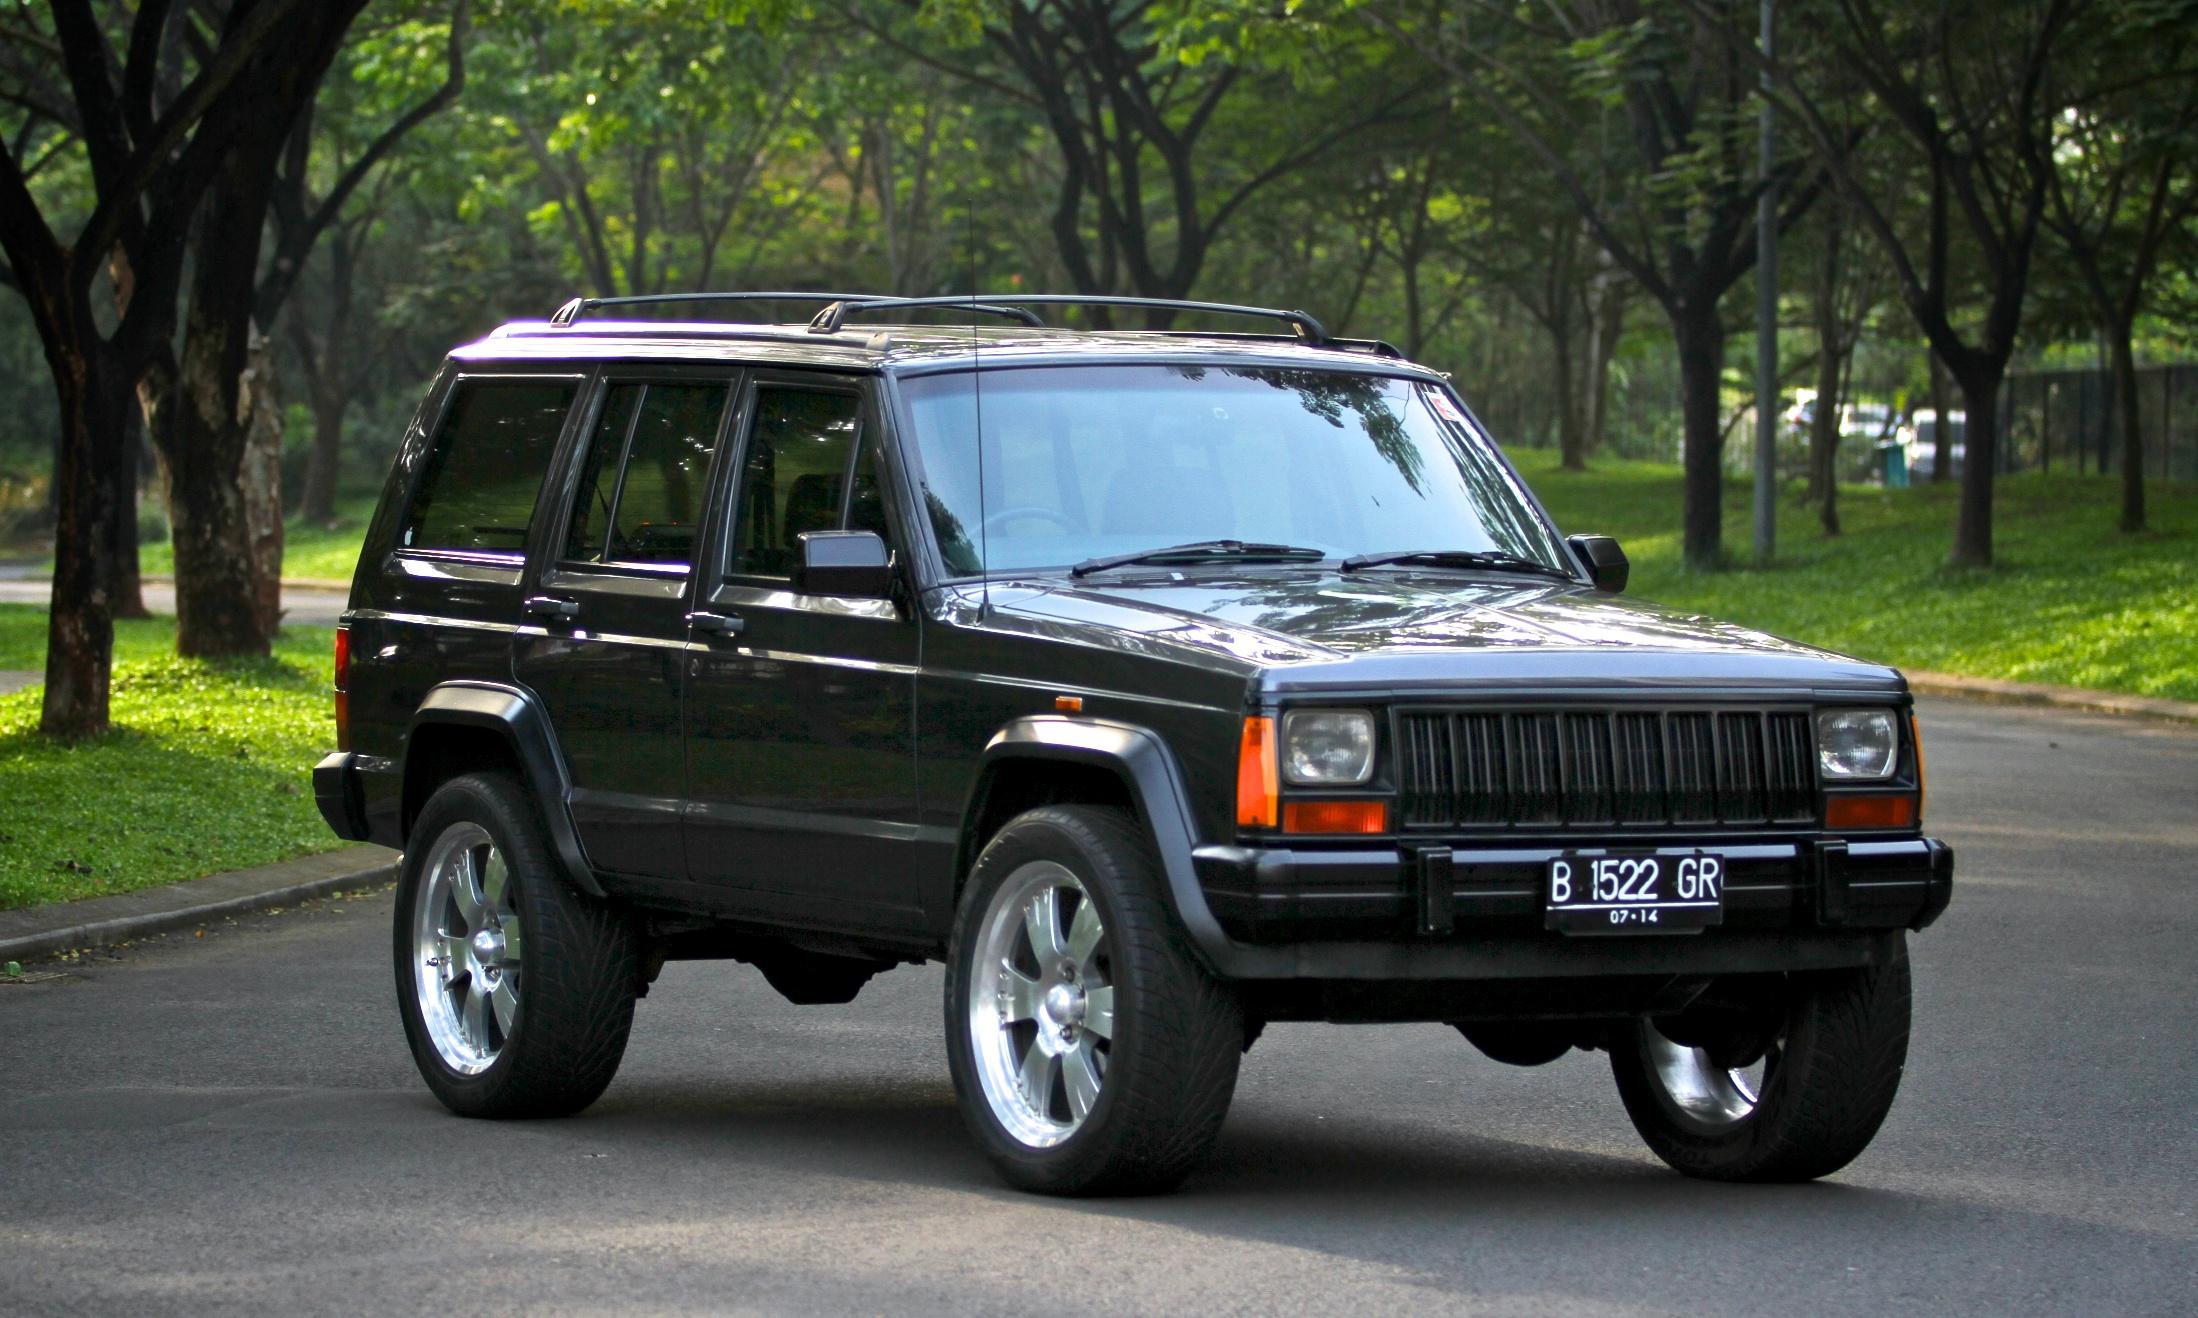 1994 Jeep Cherokee #13 Jeep Cherokee #13